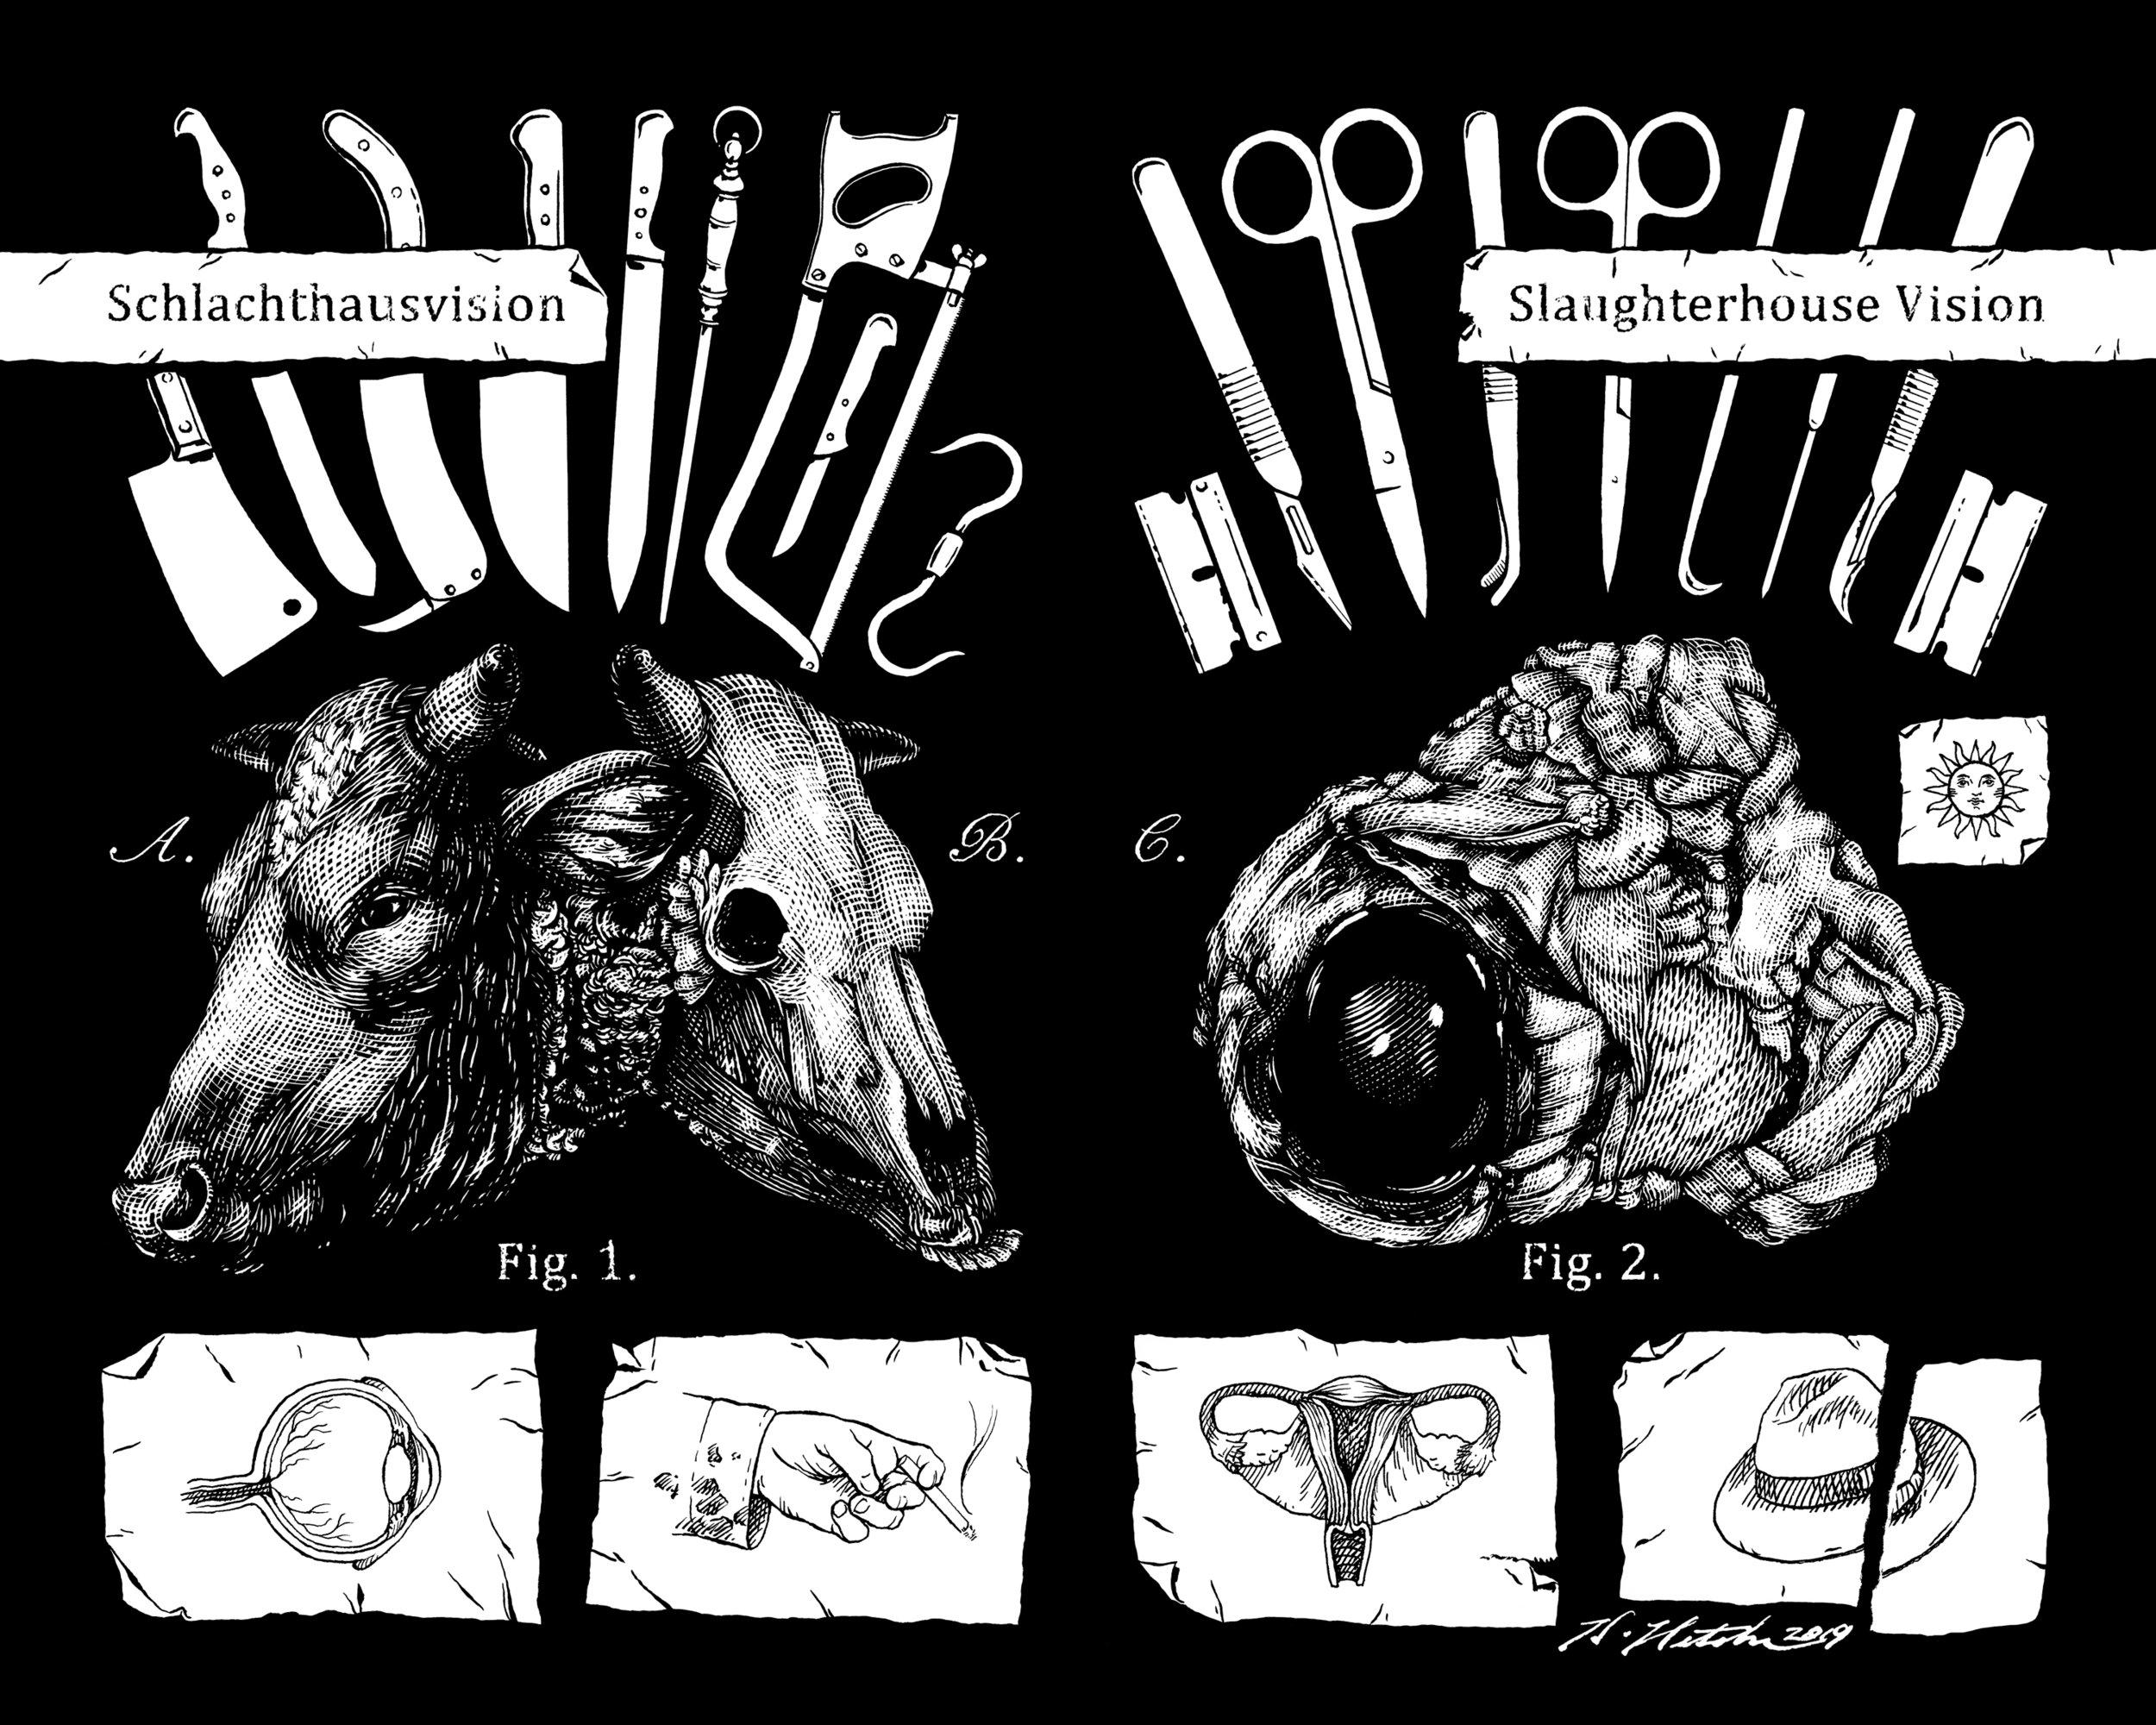 Slaughterhouse Vision.jpg